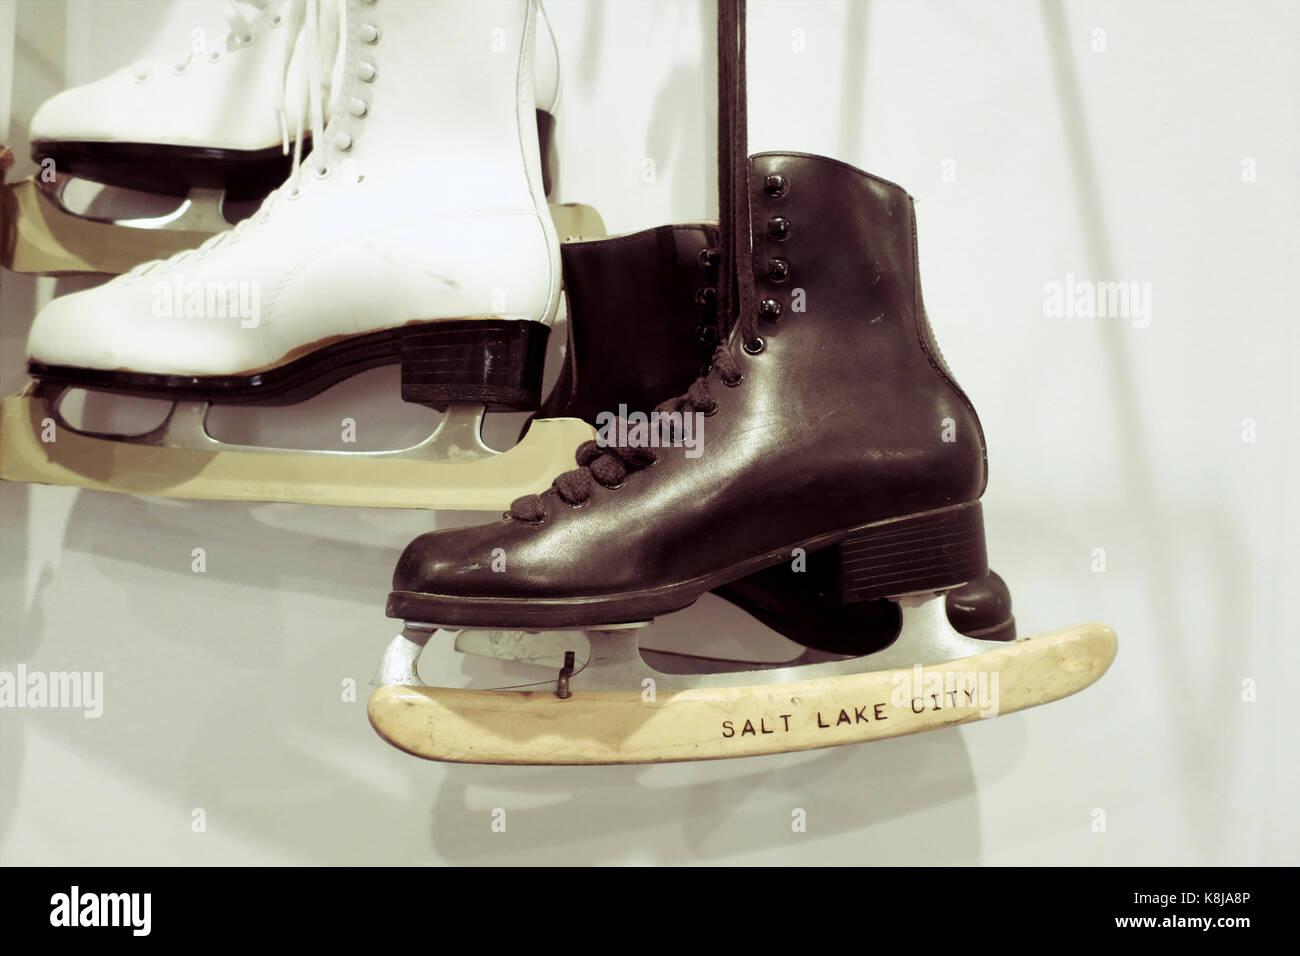 Deux paires de patins à glace à l'ancienne accroché au mur. Photo Stock